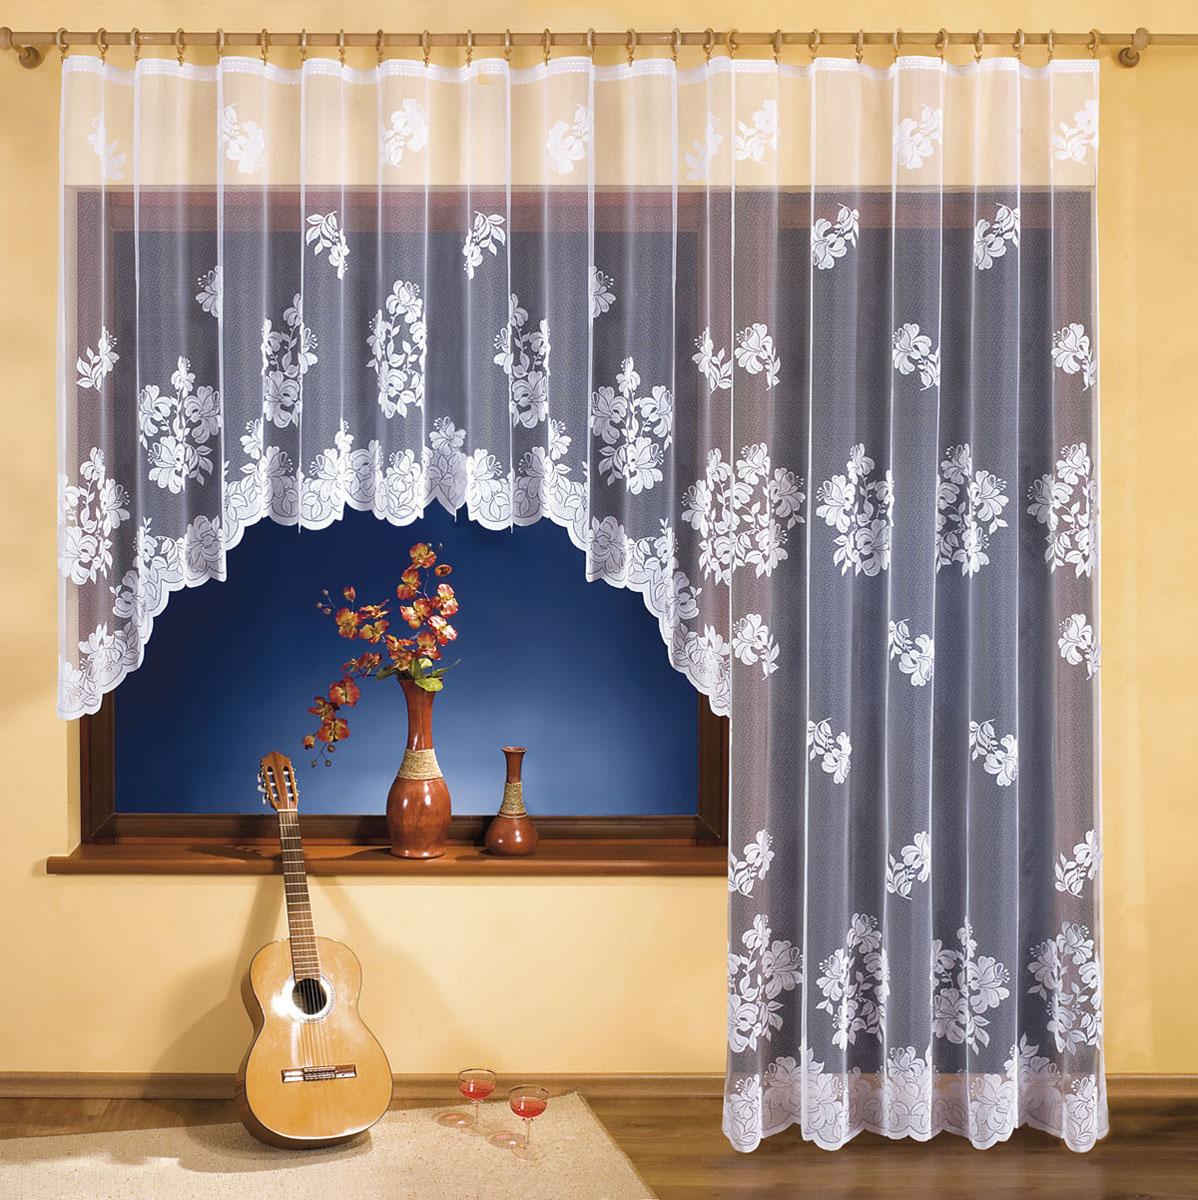 Комплект штор Wisan, цвет: белый, высота 250 см, 2 шт комплект штор wisan kenza на ленте цвет оранжевый белый высота 250 см